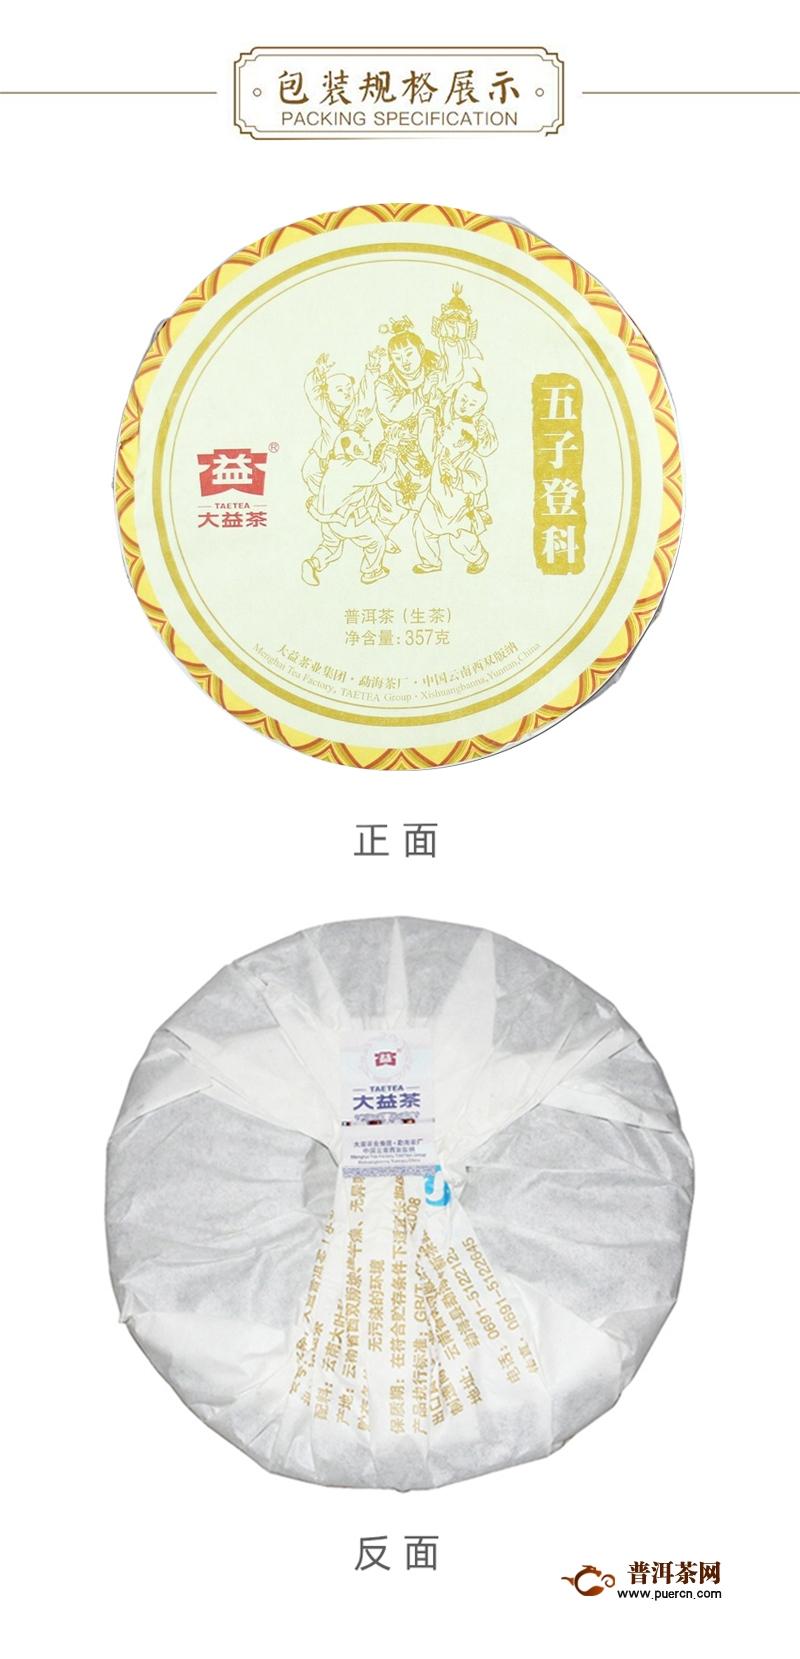 【茶窝新品】2017年大益 五子登科 生茶 357克/饼 开售